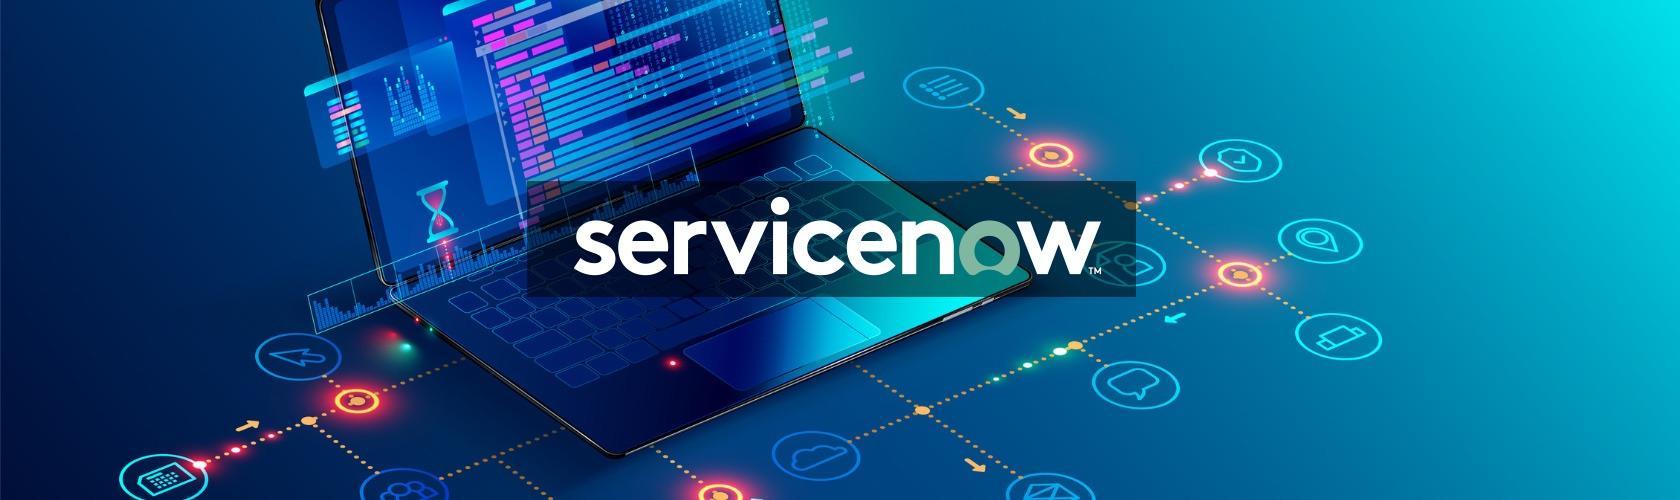 Liquidware ServiceNow